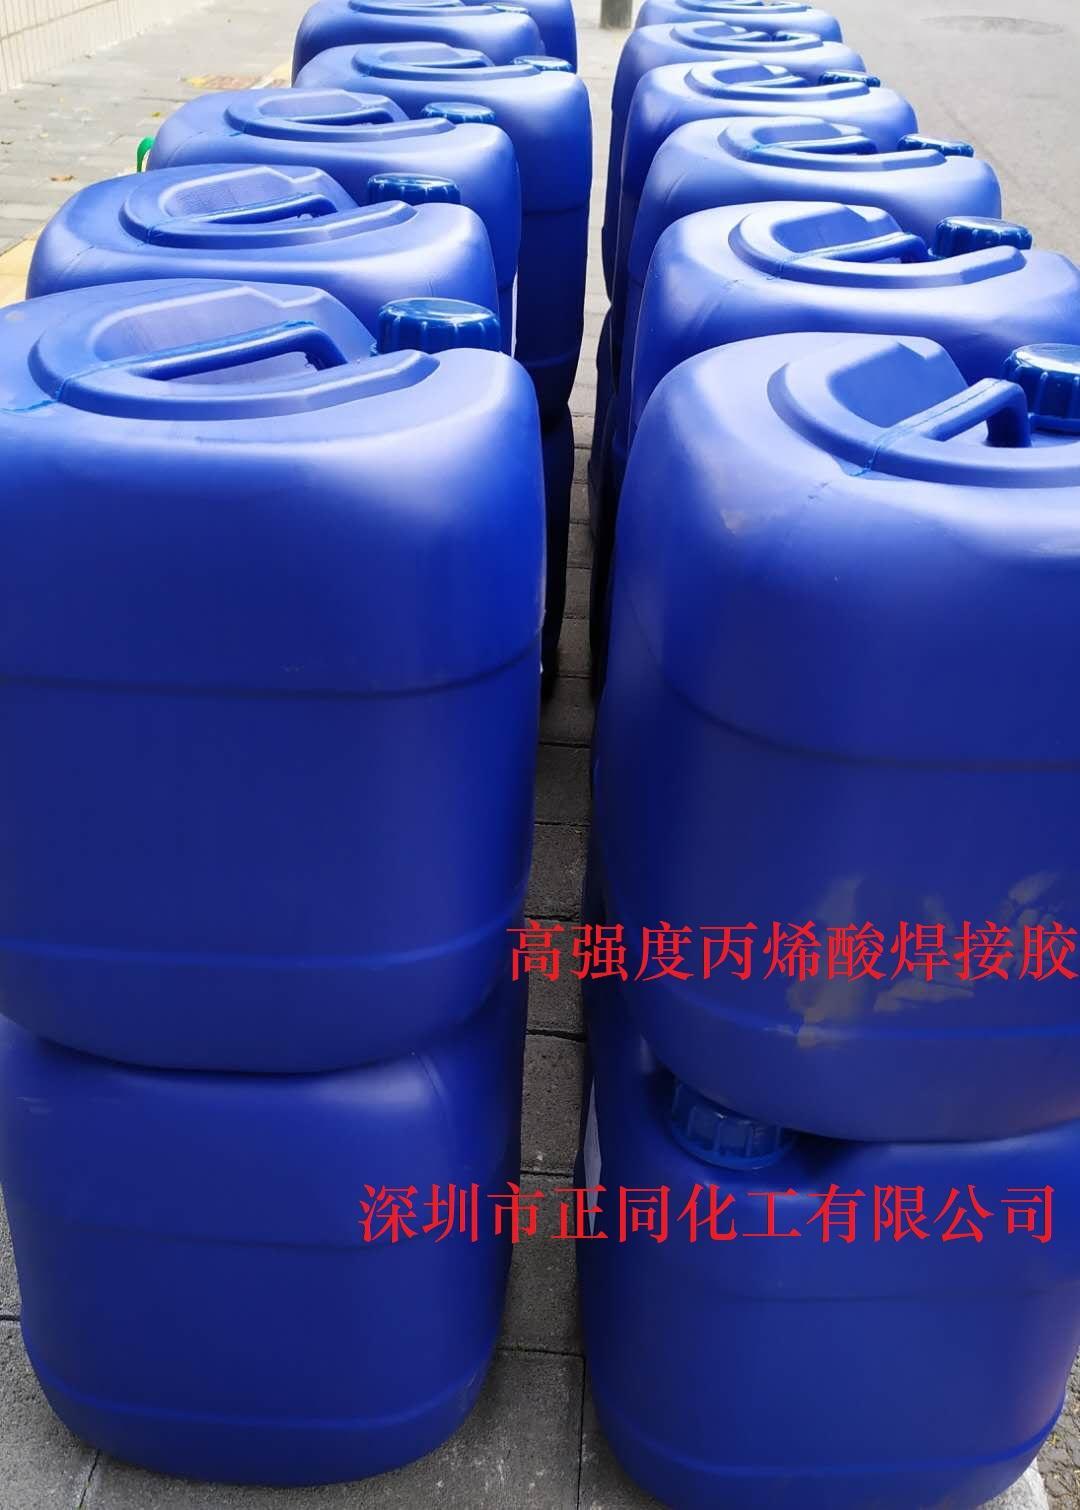 AB-303丙烯酸胶粘剂 1